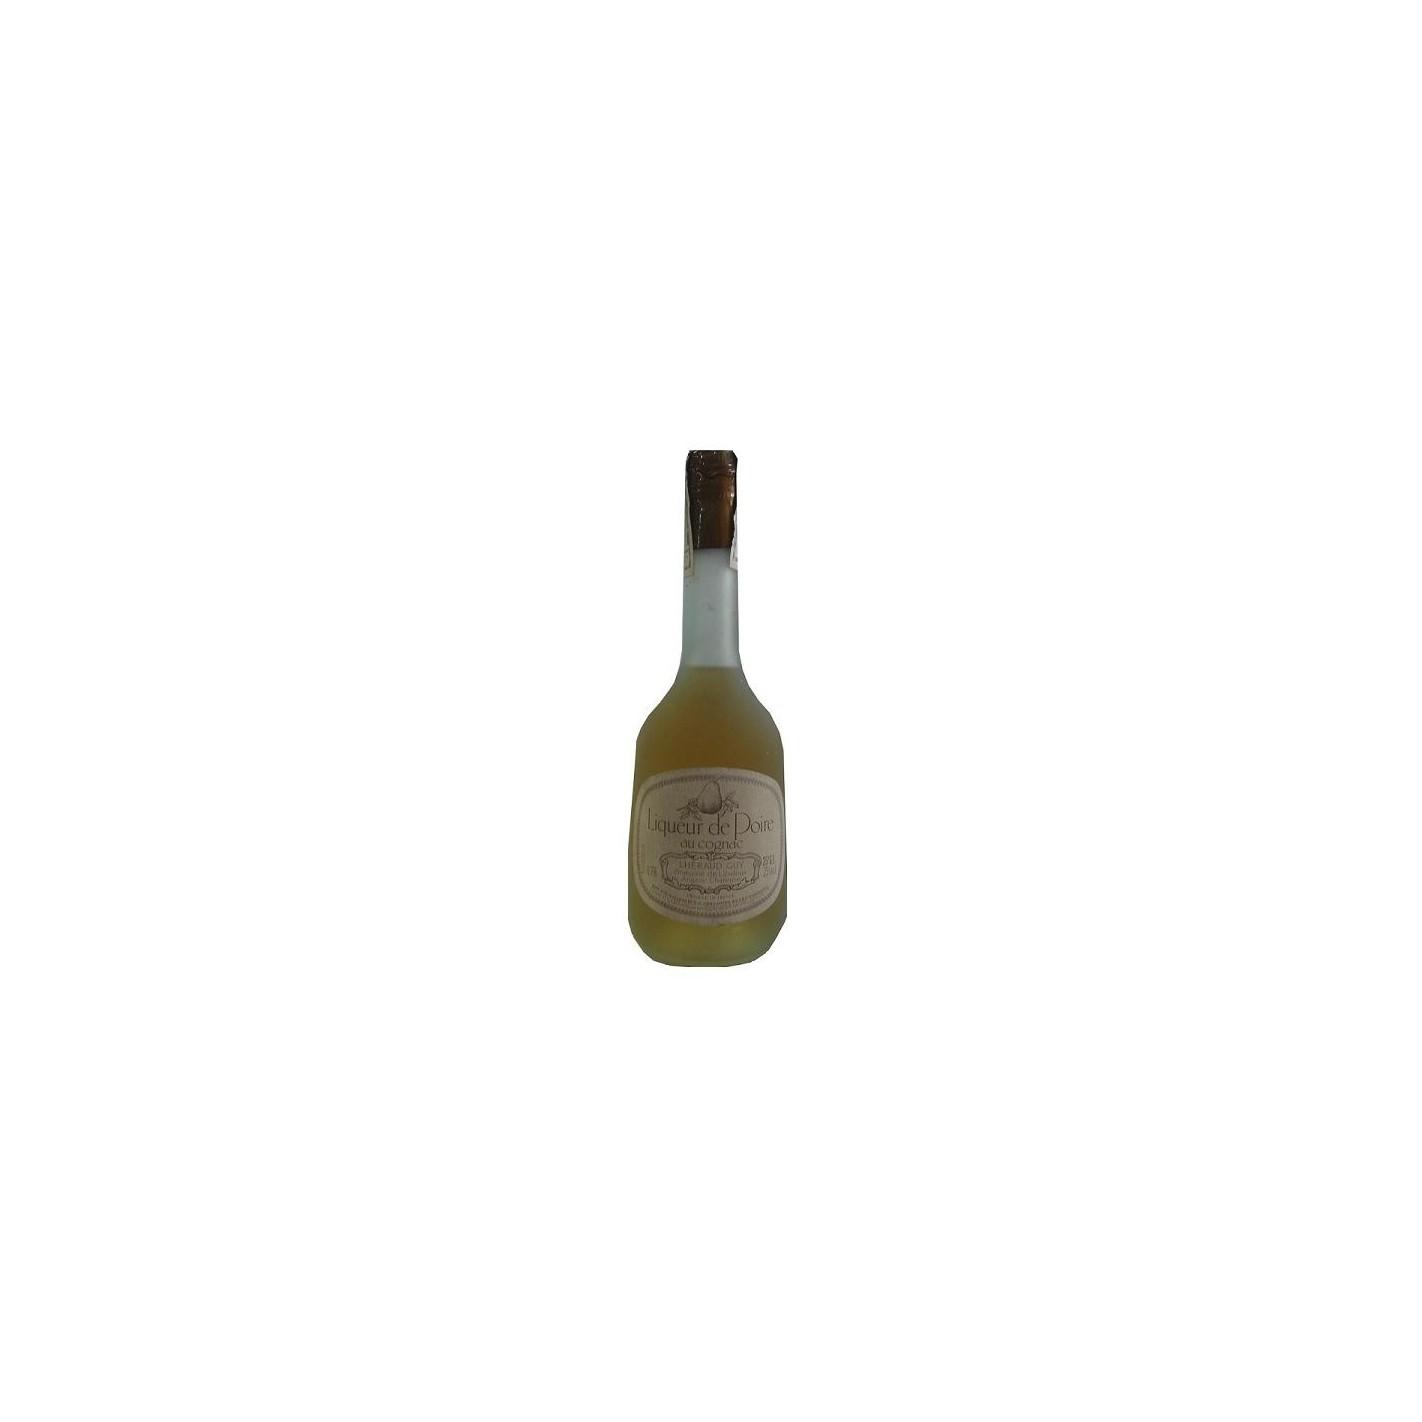 Comprar cognac poire maison tienda de licores online for Alcool de poire maison